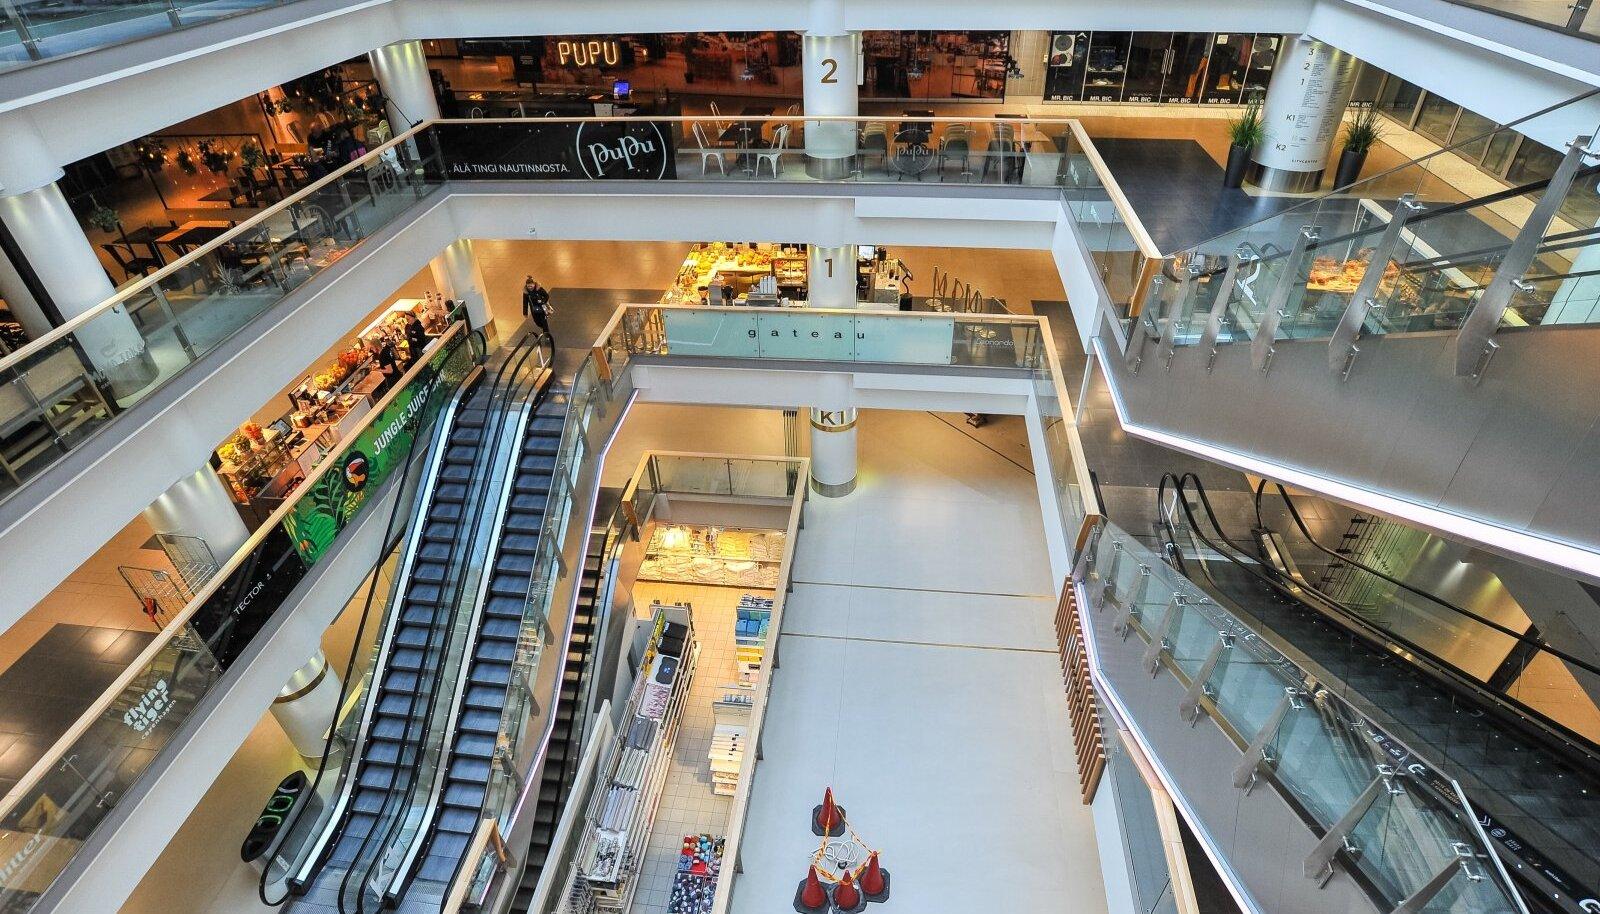 Helsingi kaubanduskeskus